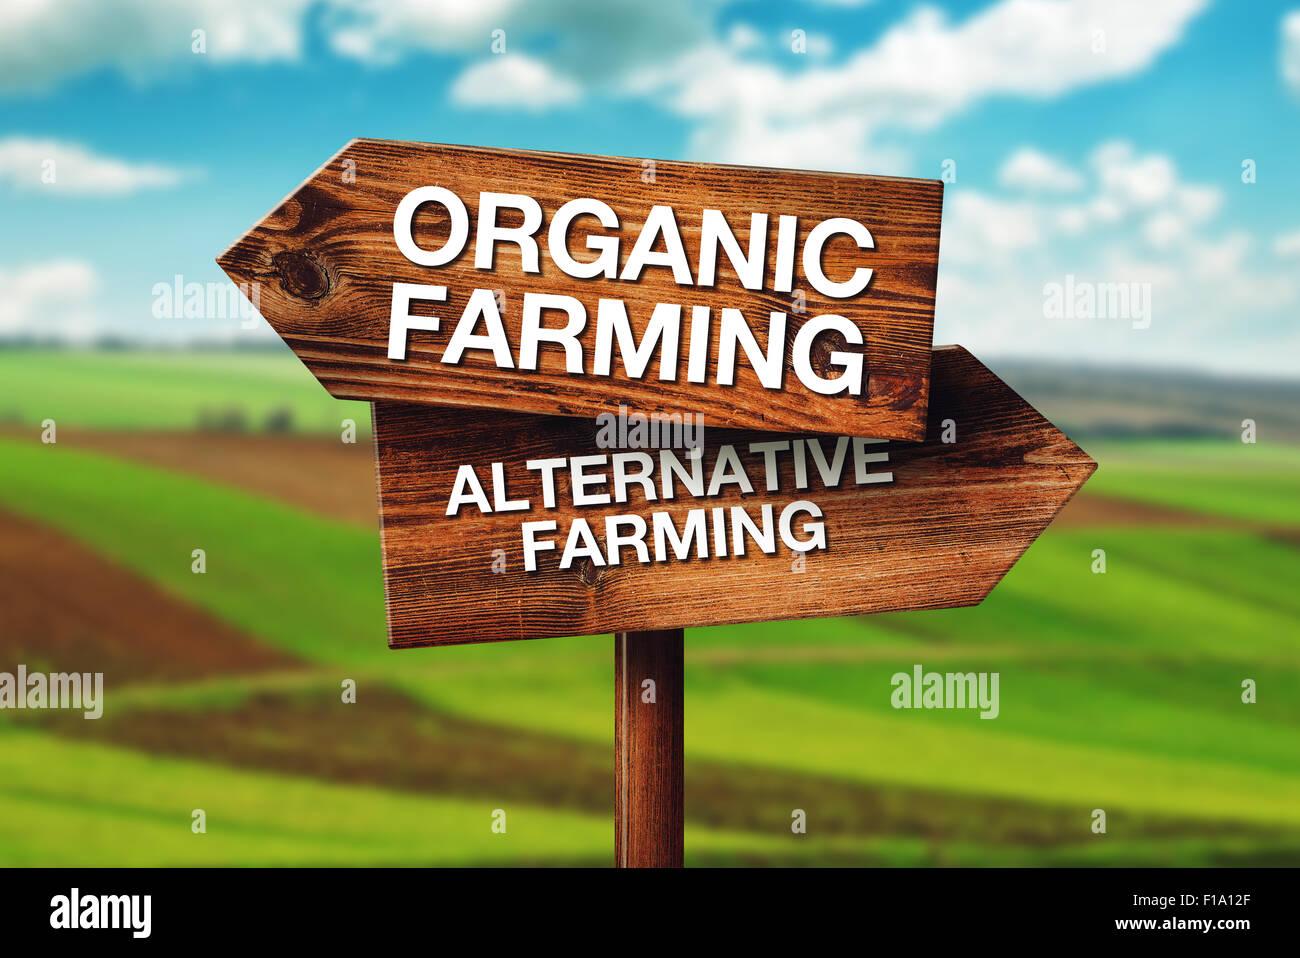 Bio oder Alternative Landwirtschaft, Konzept der Wahl in der landwirtschaftlichen Produktion, Ackerbau Kulturland Stockbild